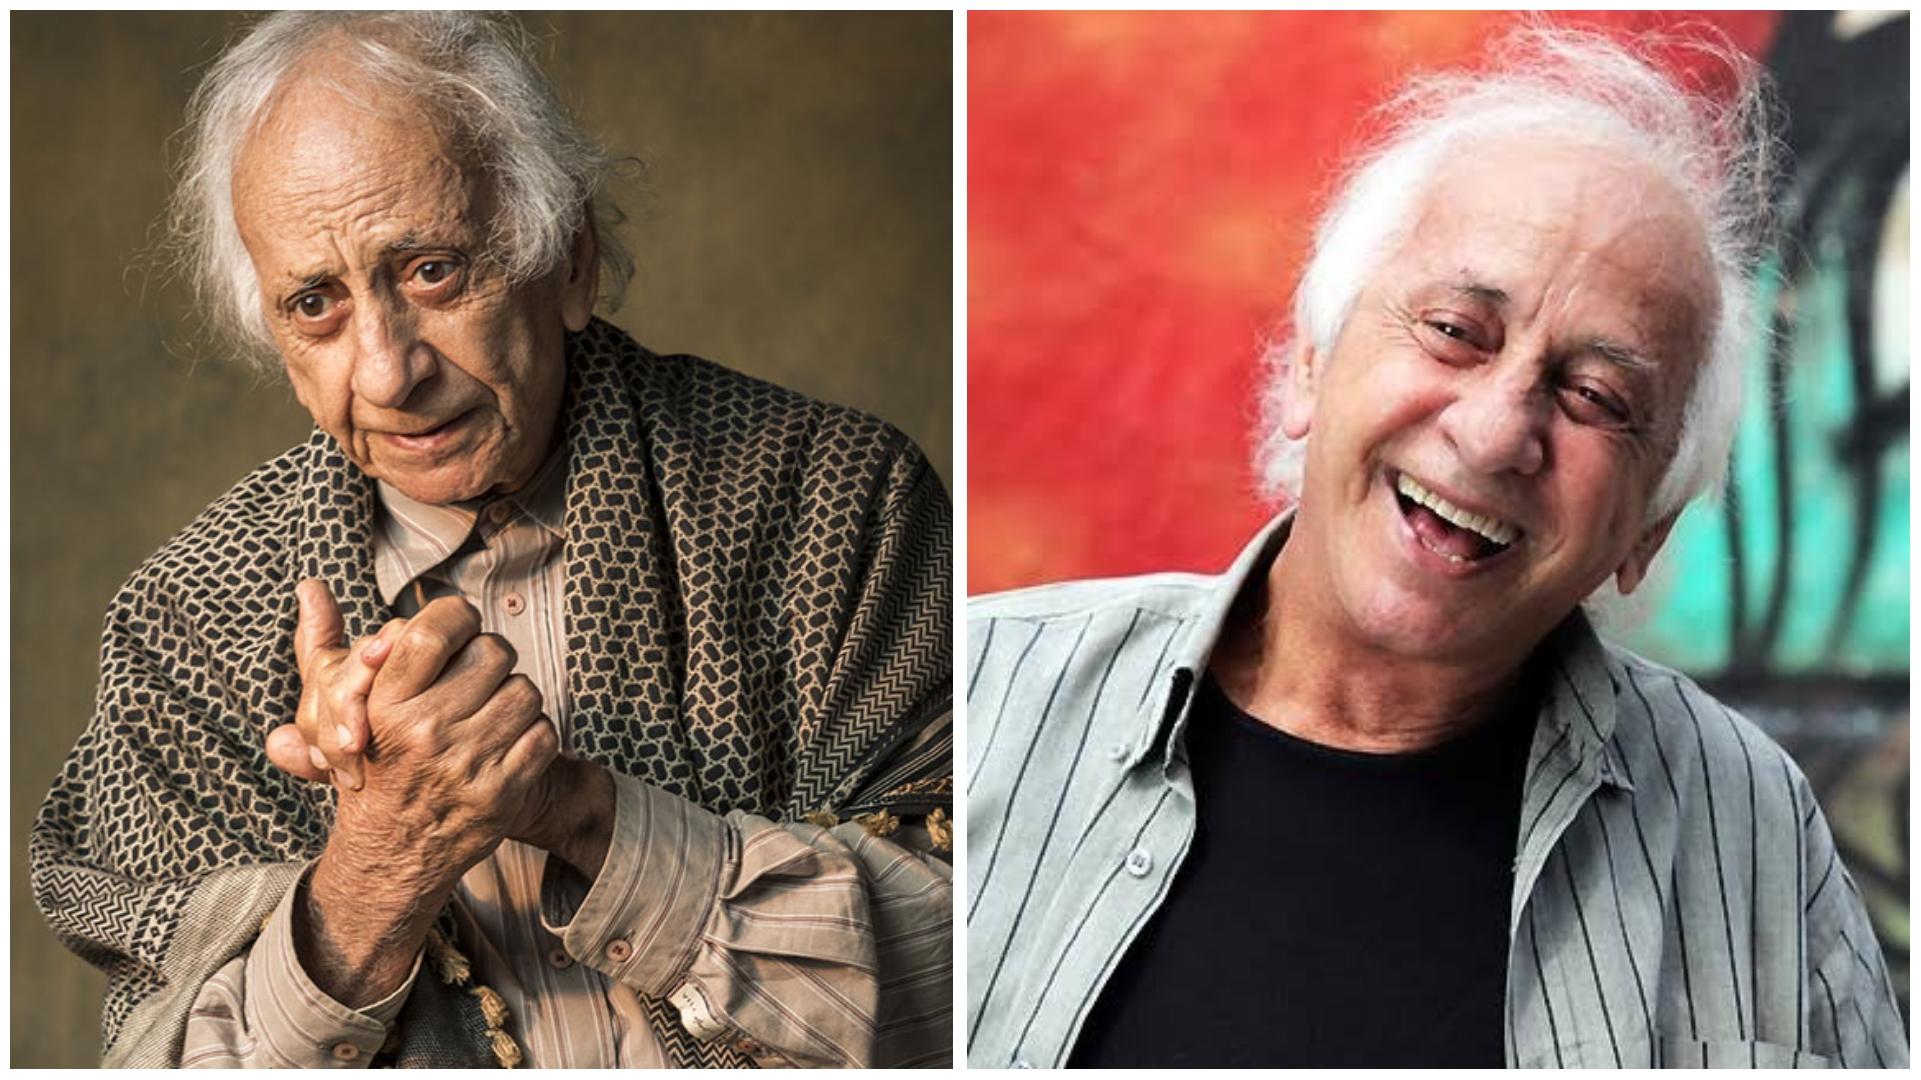 URGENTE: Ator Flávio Migliaccio morre aos 85 anos de idade